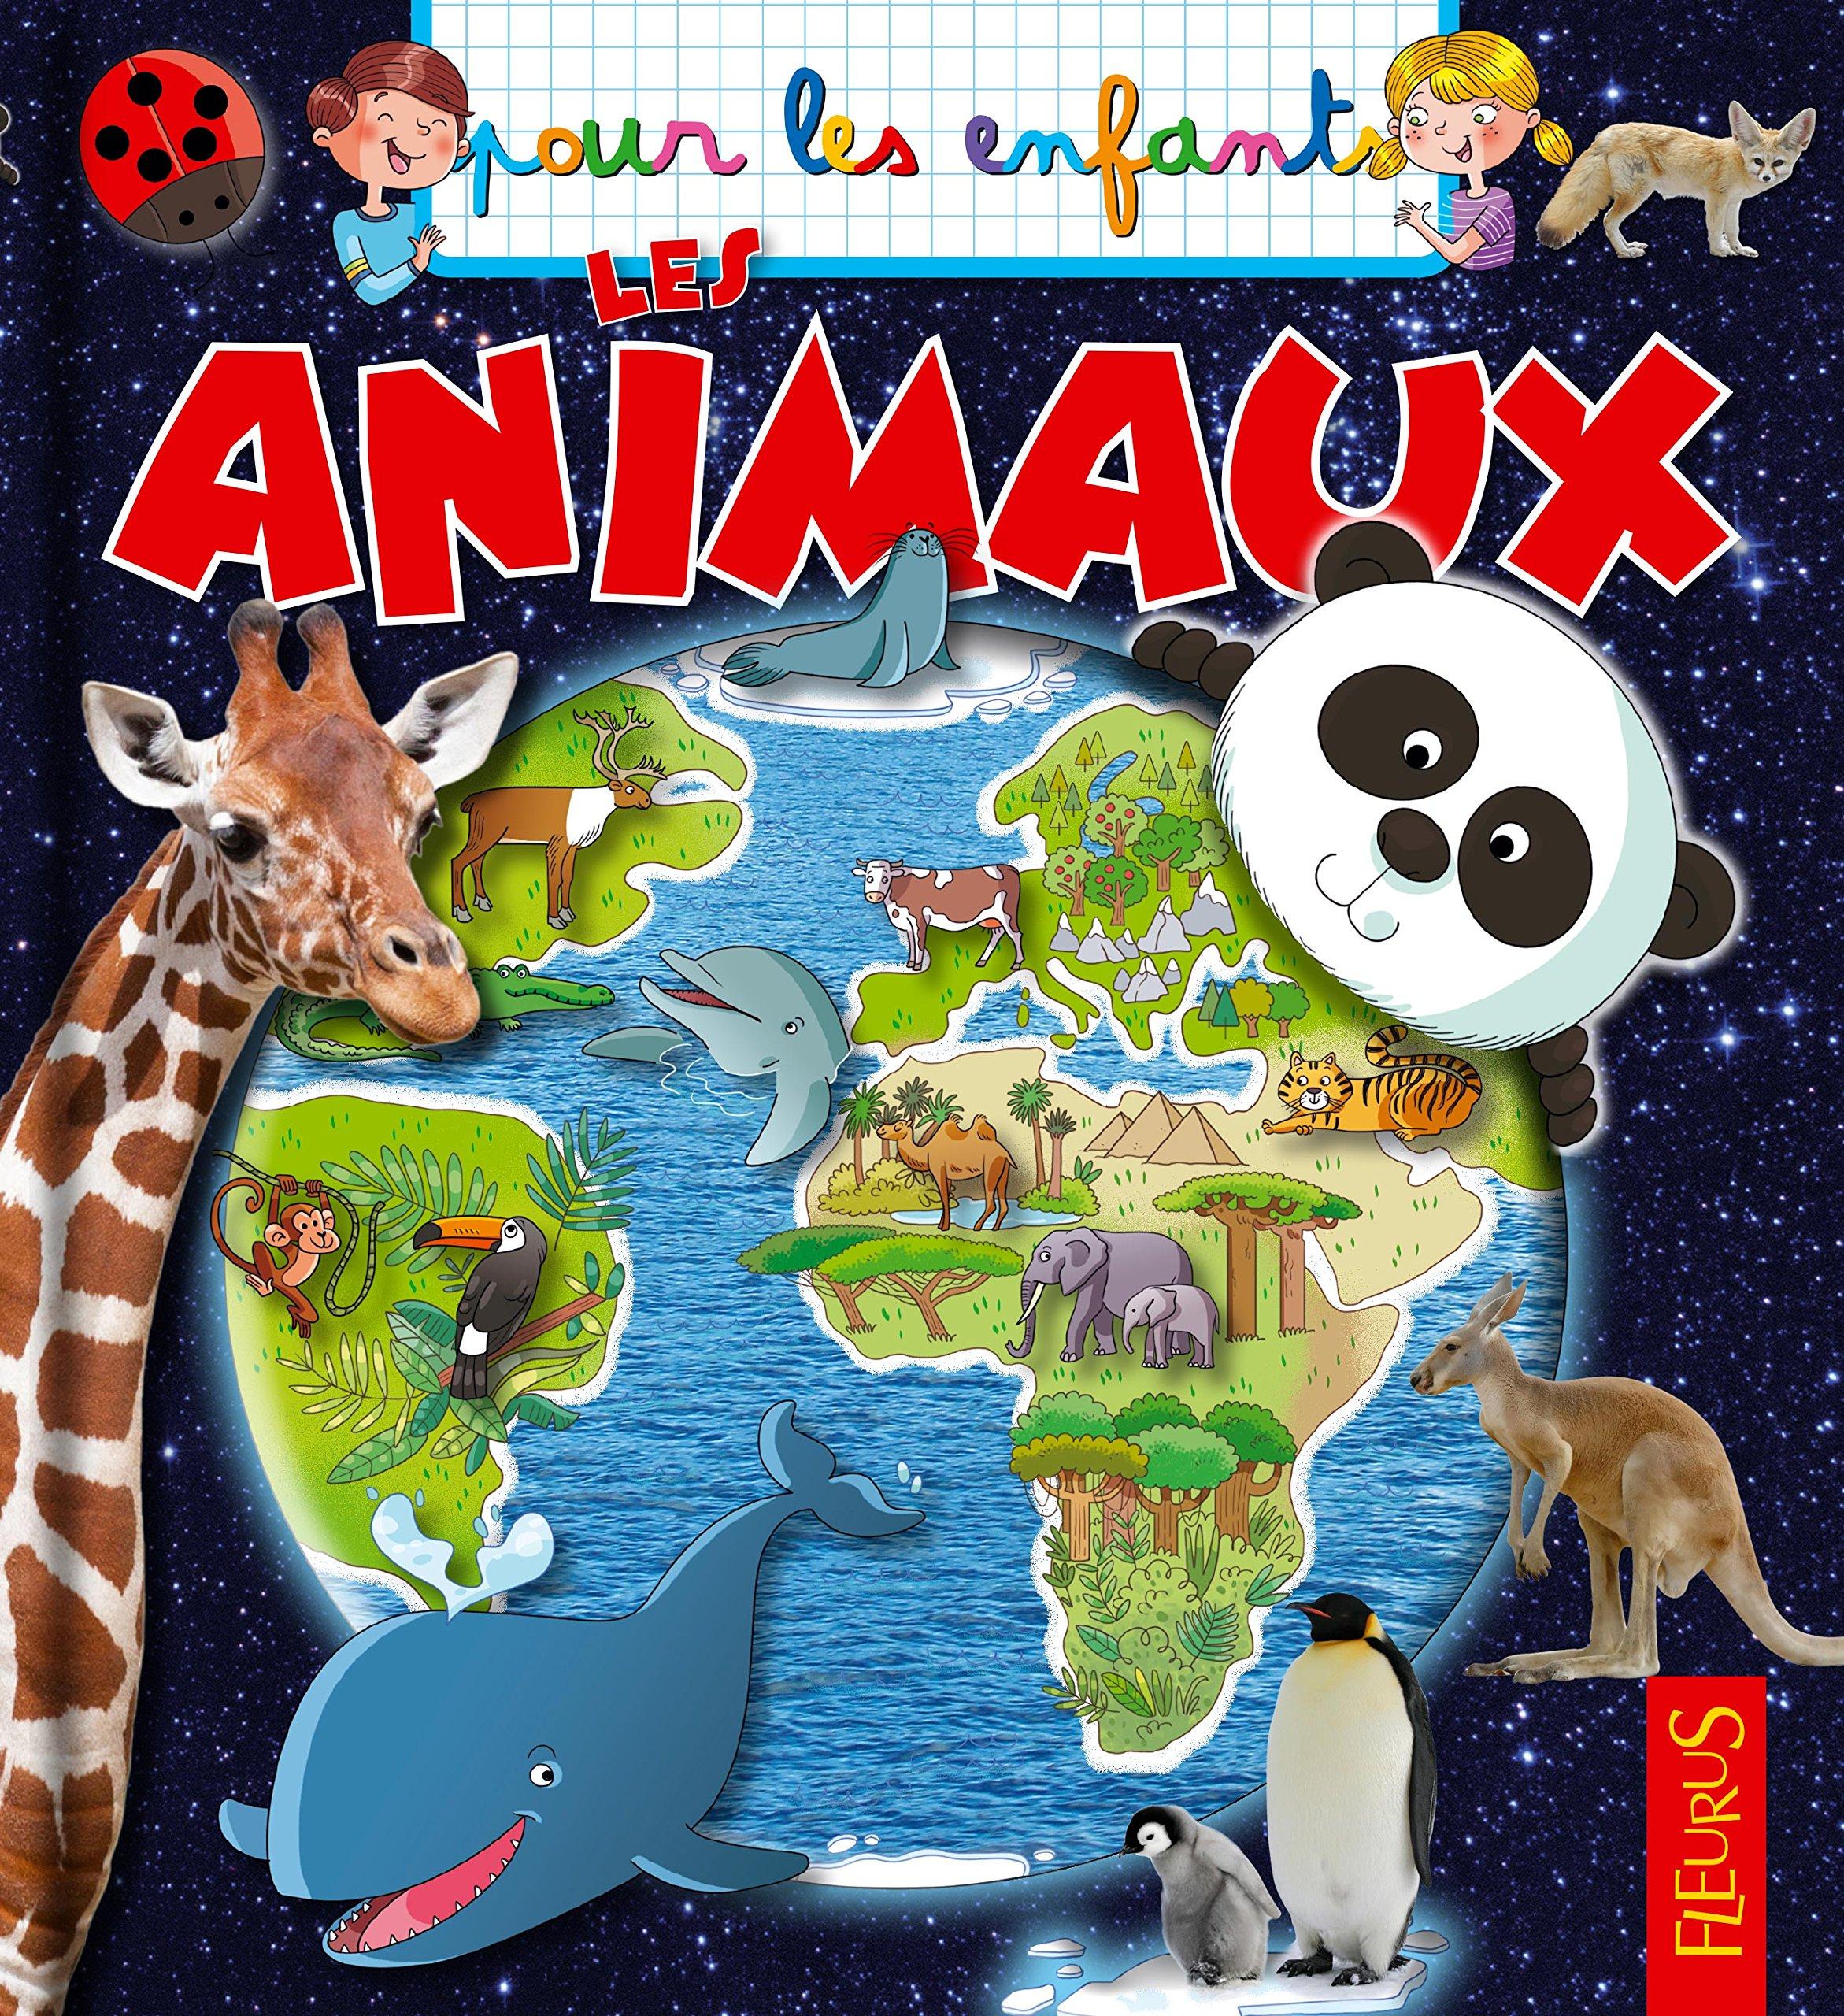 Les animaux Album – 10 février 2017 Manuela Nerolini Emmanuelle Lepetit Fleurus 2215145048